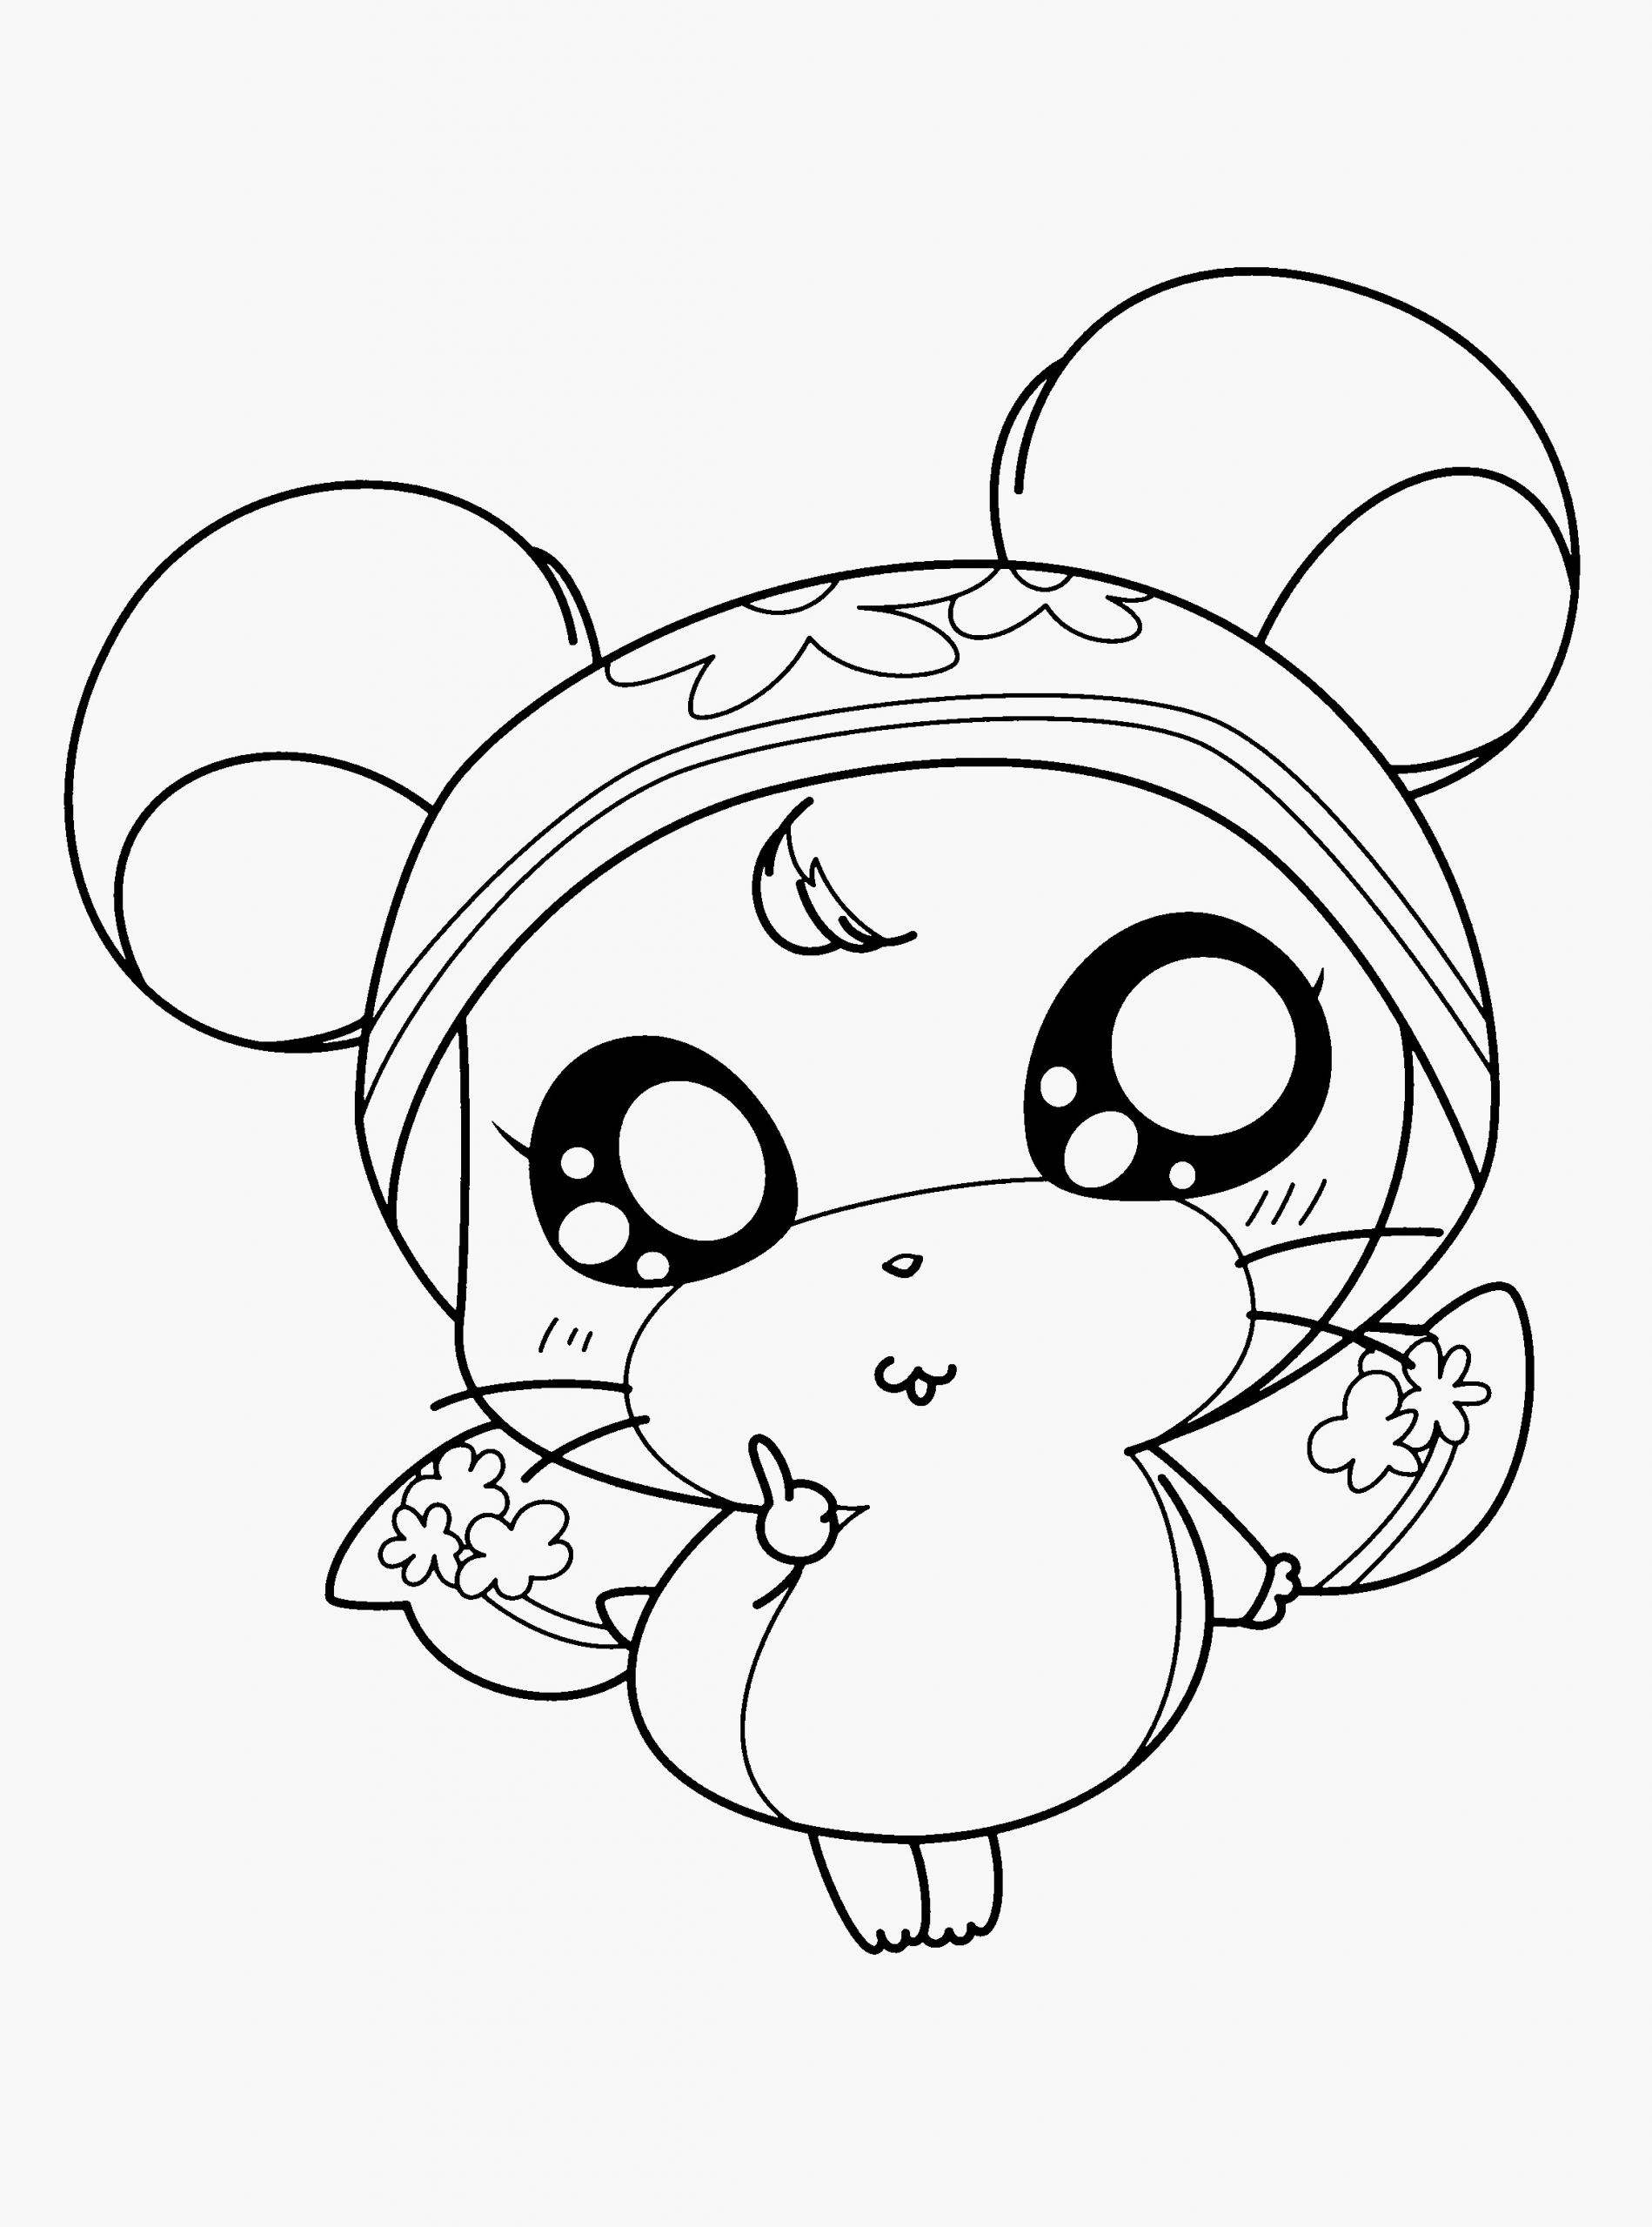 Coloriages À Imprimer : Princesse, Numéro : 68C733A tout Coloriage Dora Princesse